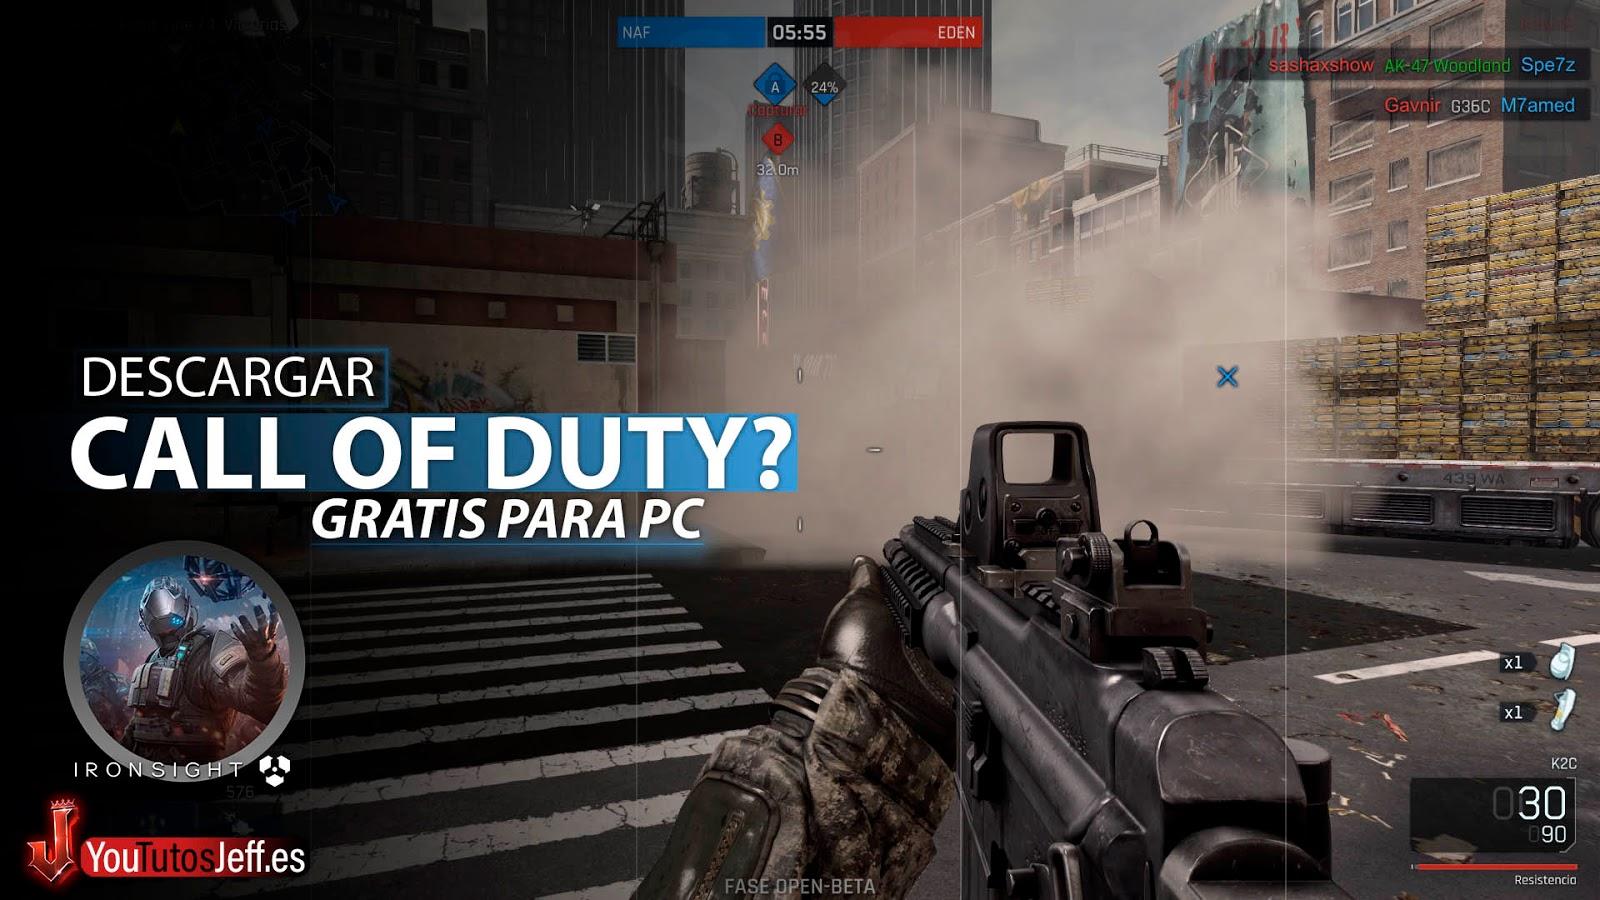 Call Of Duty Gratis? Descargar Ironsight para PC Ultima Versión